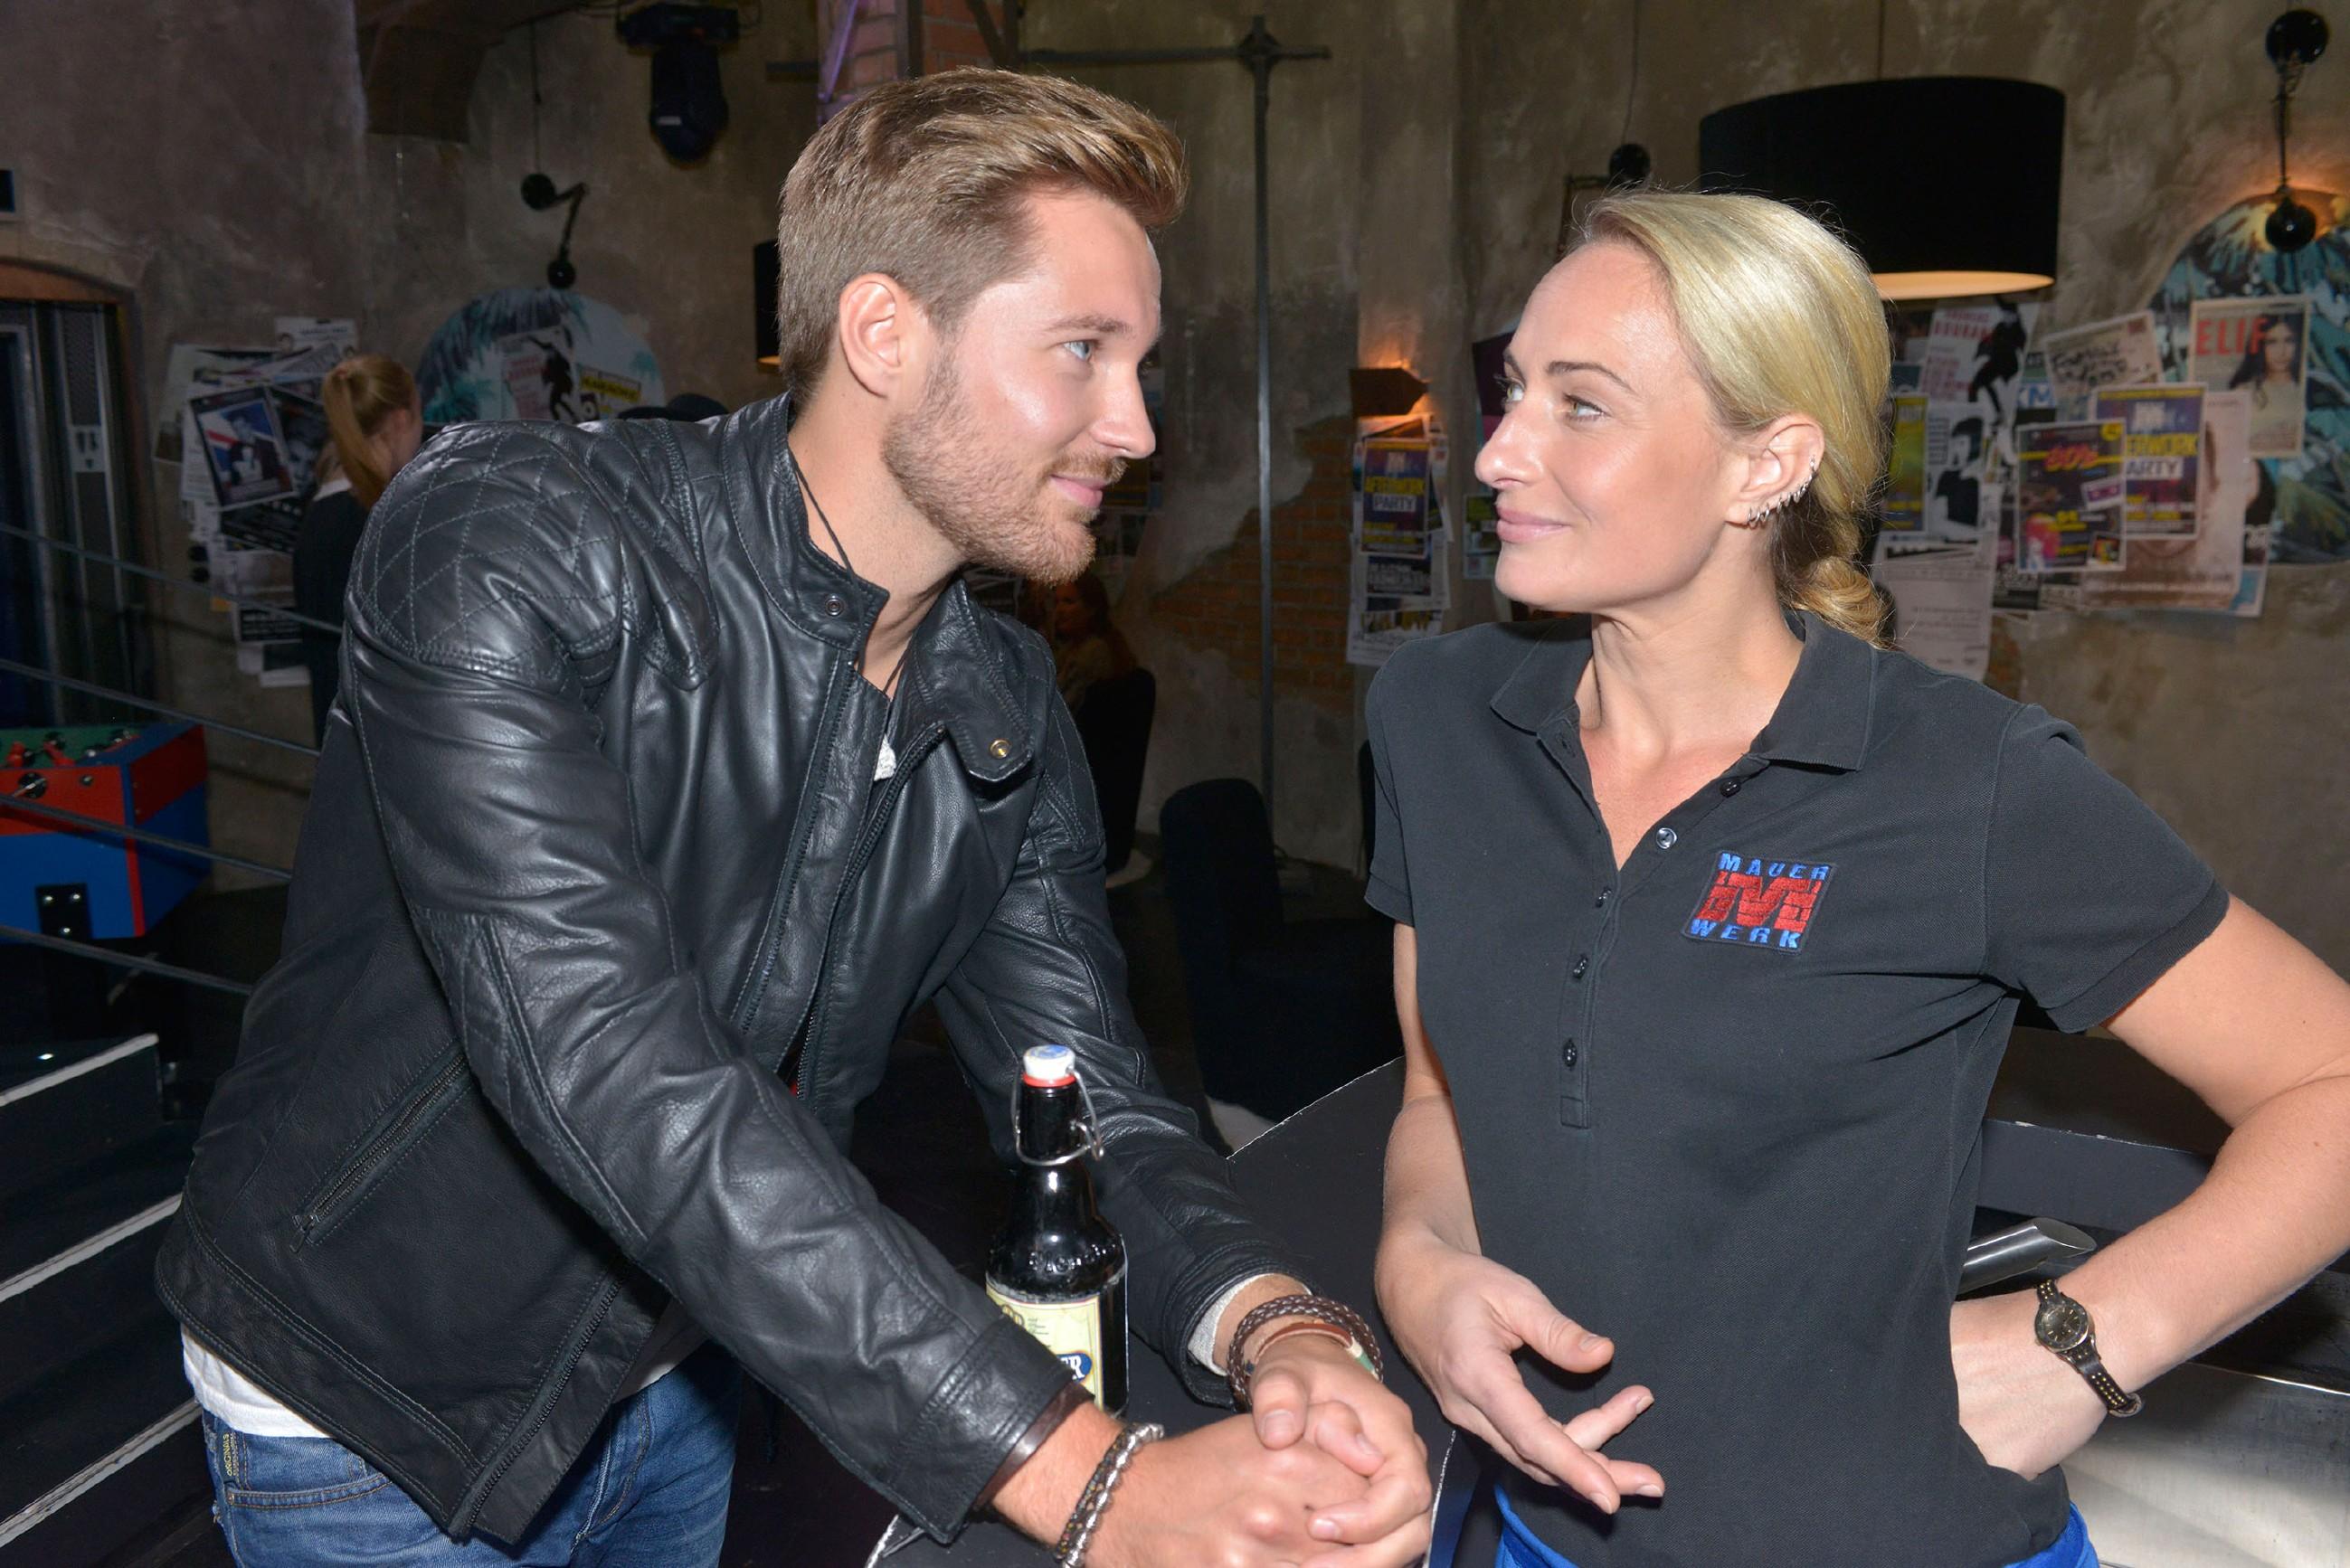 Als Maren (Eva Mona Rodekichen) im Mauerwerk von dem gutaussehenden Eike (Tommy Schlesser) unmissverständlich angeflirtet wird, ergreift sie die Chance, ihre ungewünschten Gefühle für Alexander zu verdrängen. (Quelle: RTL / Rolf Baumgartner)